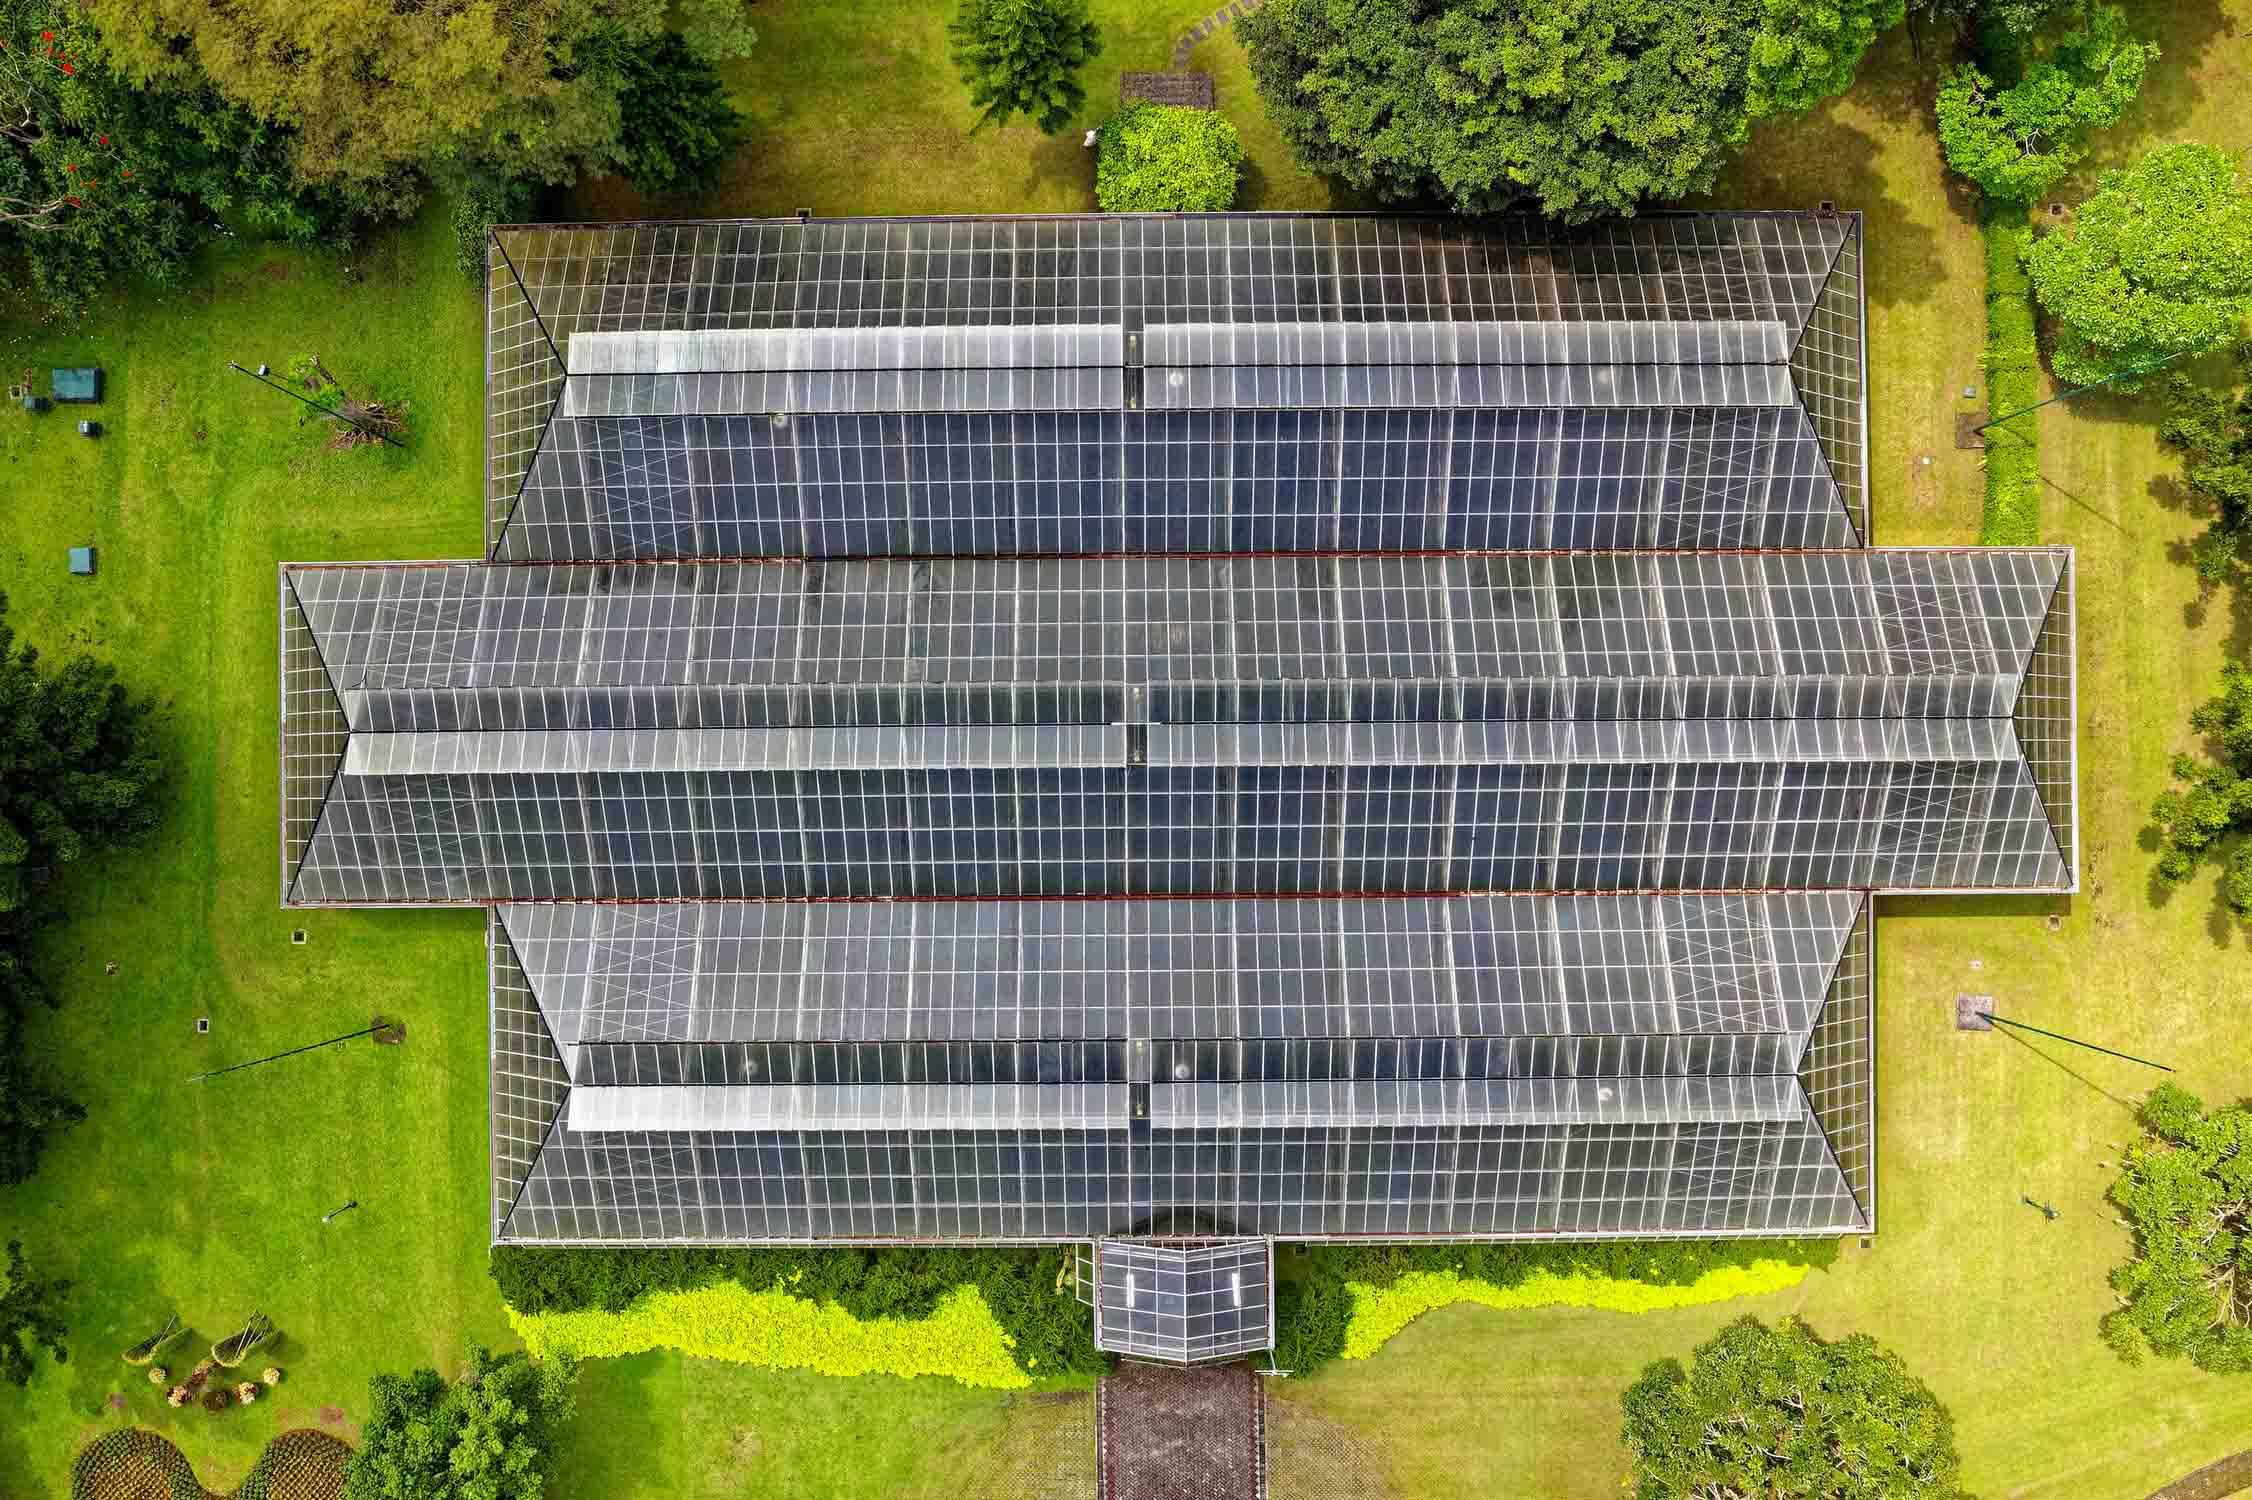 钙钛矿太阳能电池研发取得新进展